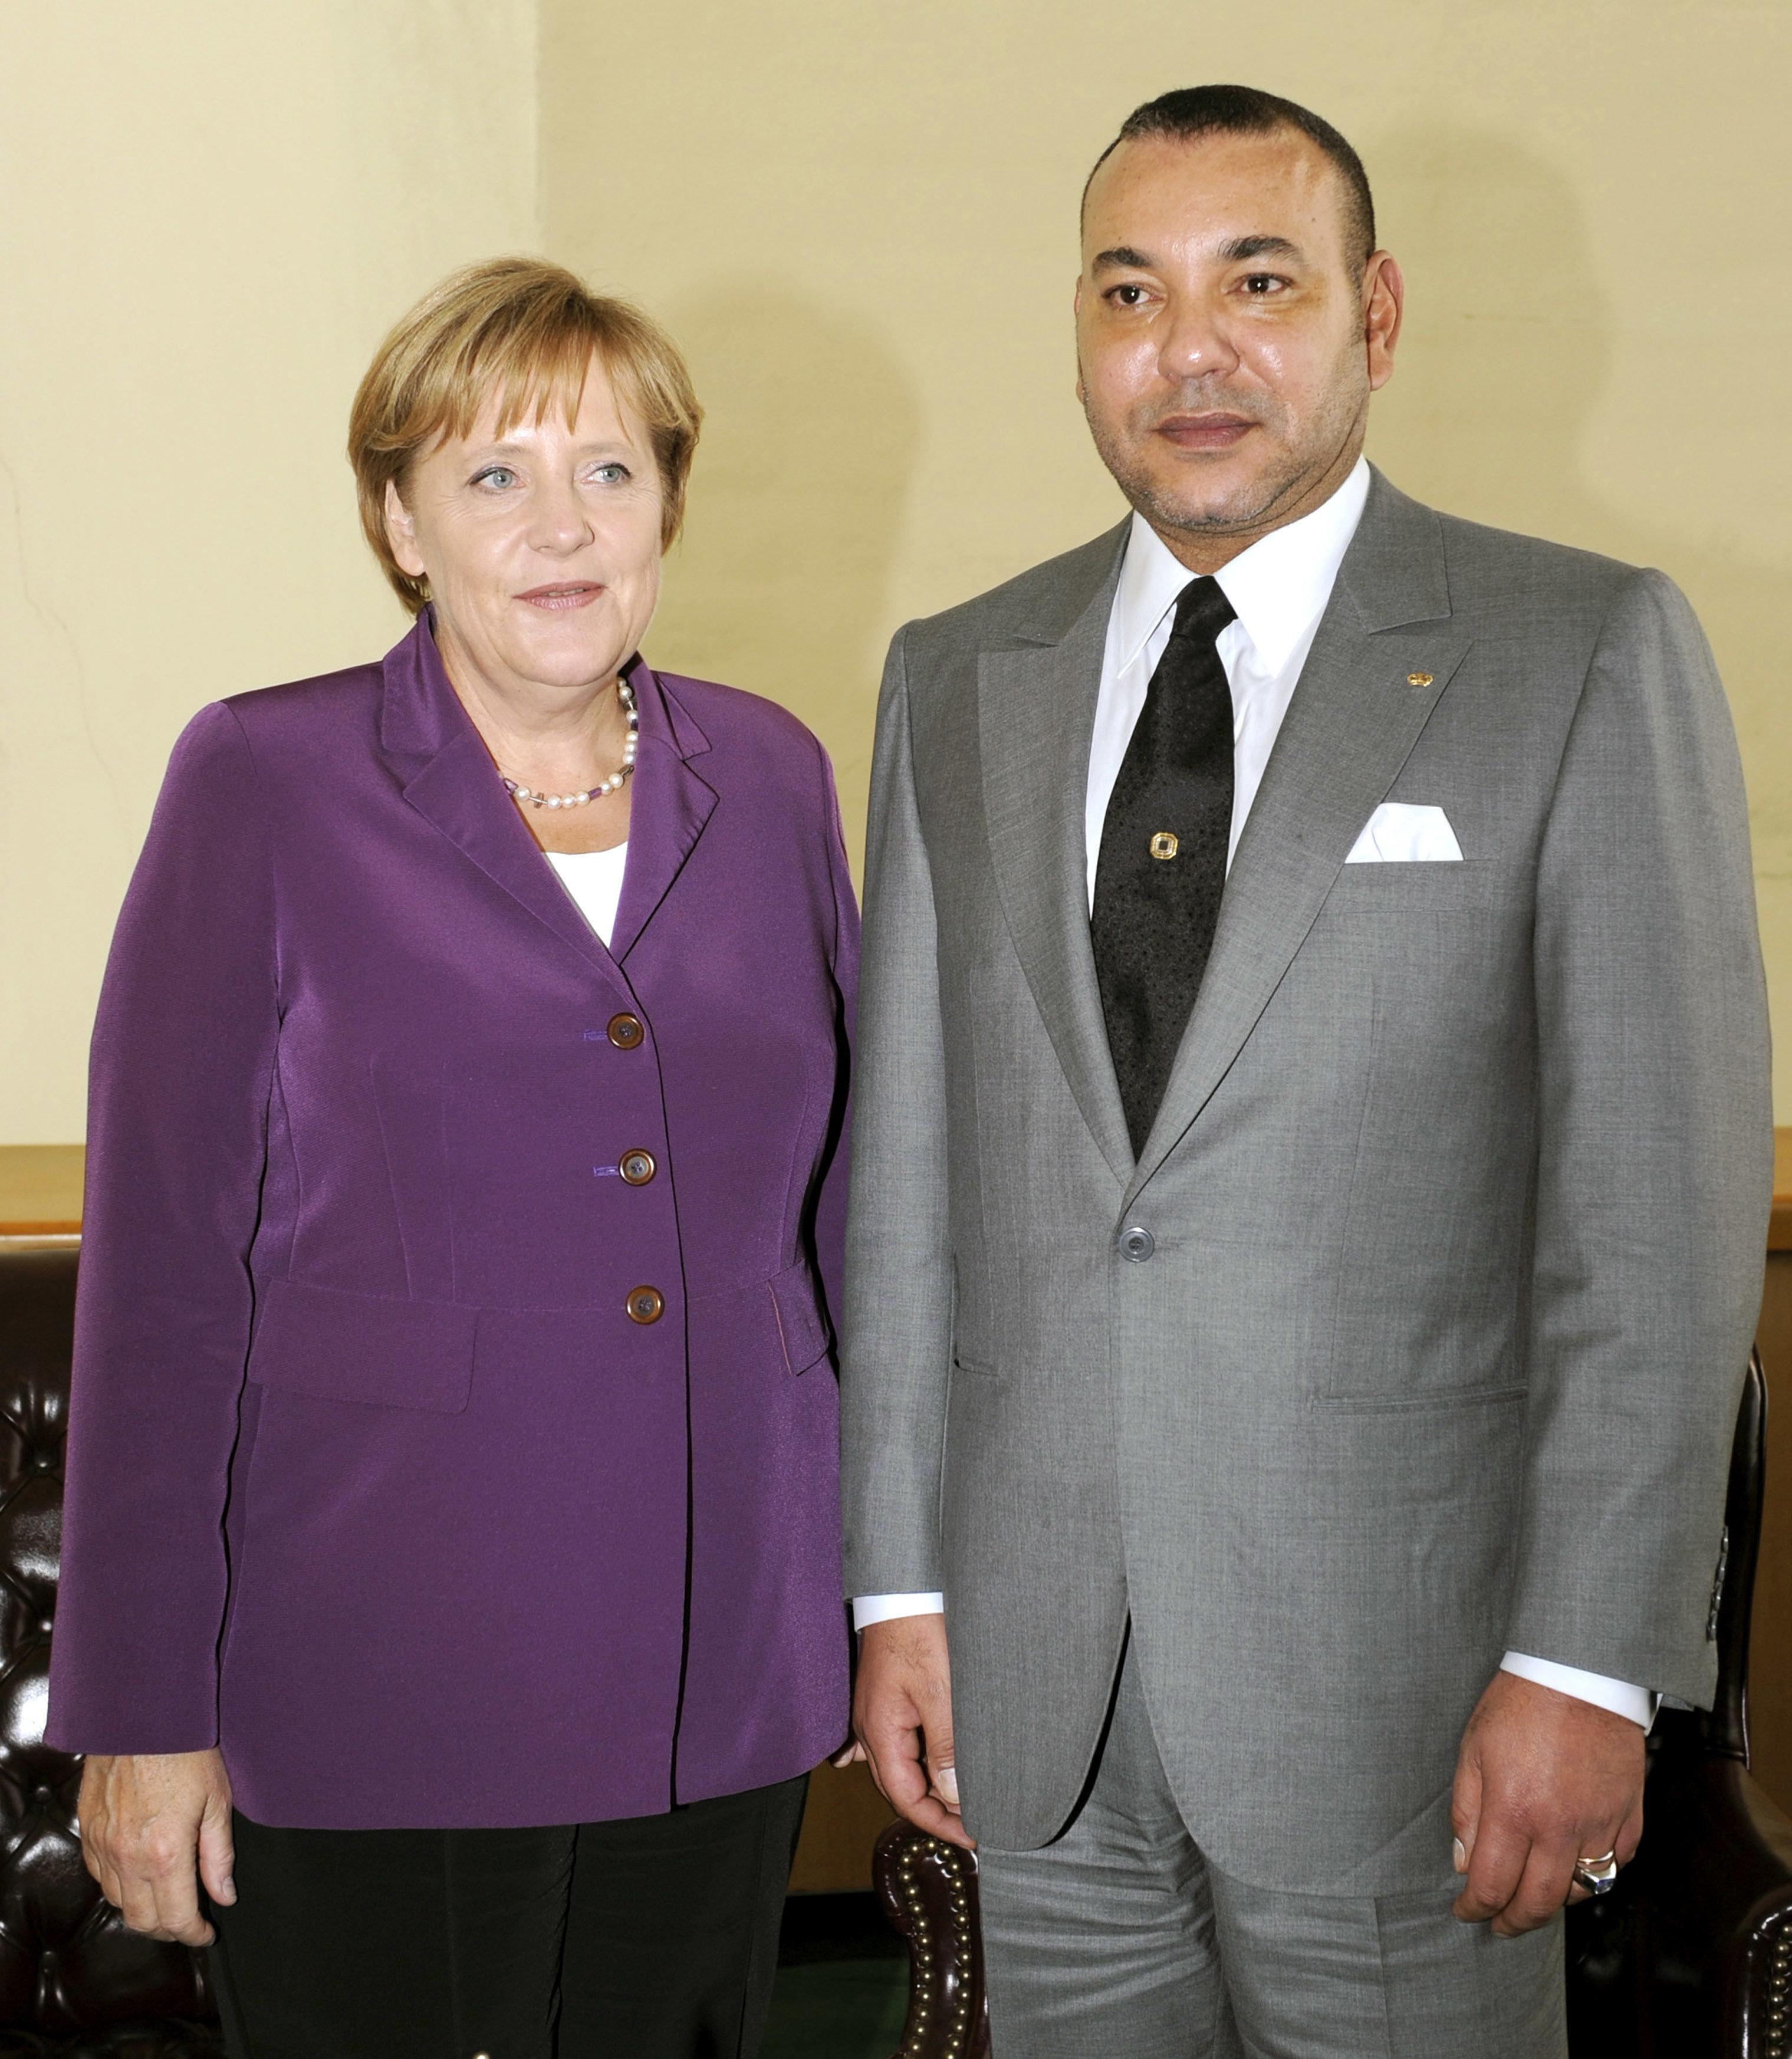 Le roi Mohammed VI recevra la chancelière allemande Angela